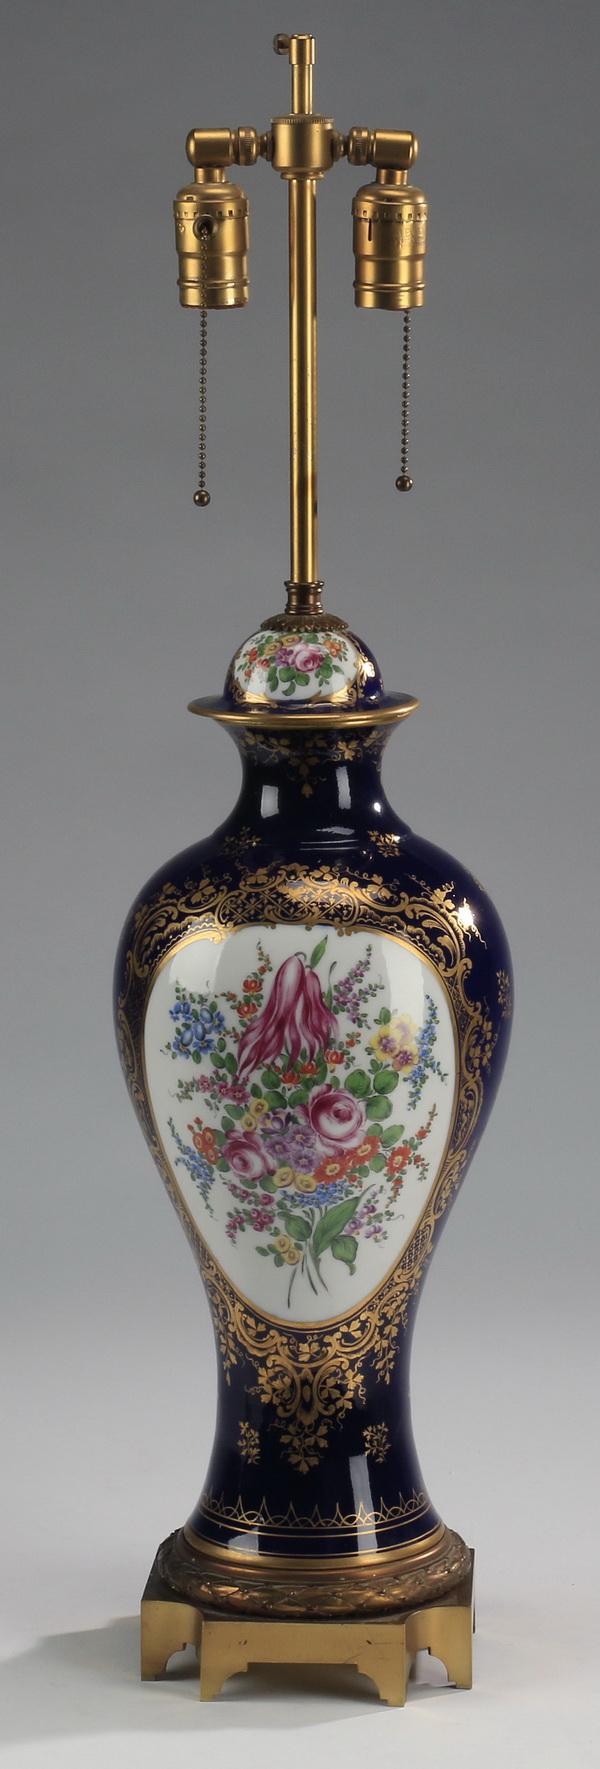 Cobalt porcelain lidded urn lamp, 30